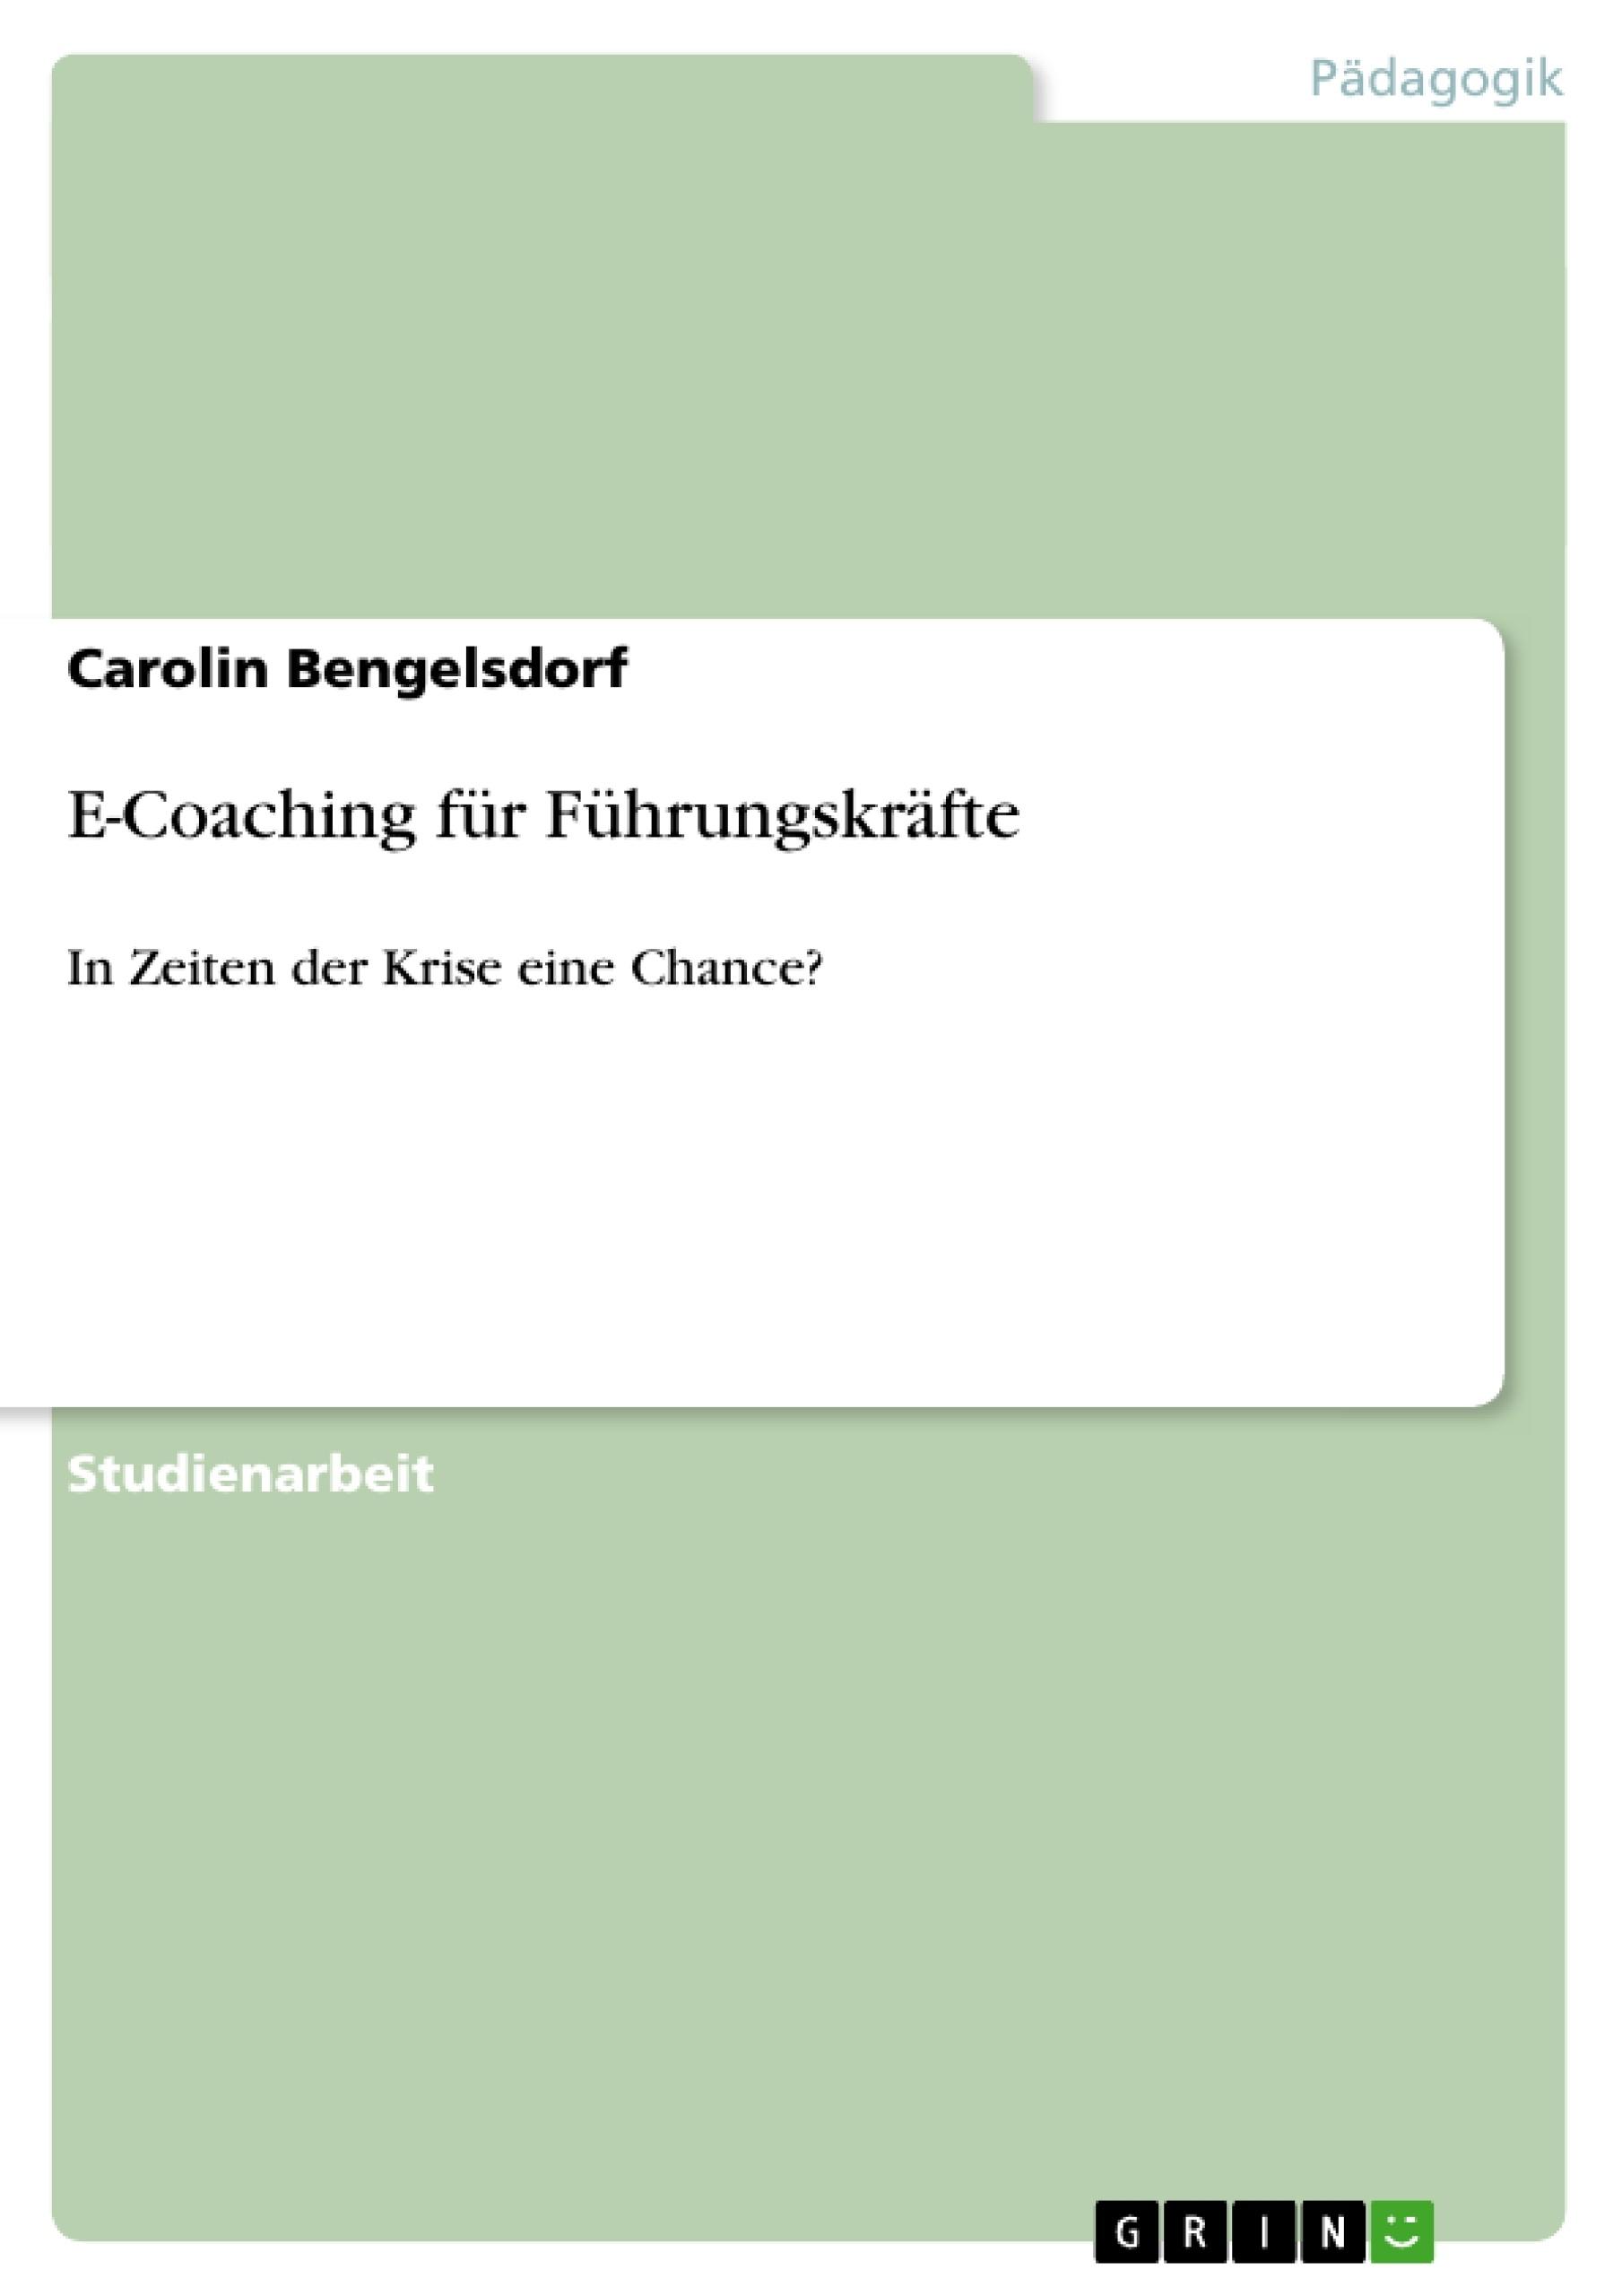 Titel: E-Coaching für Führungskräfte